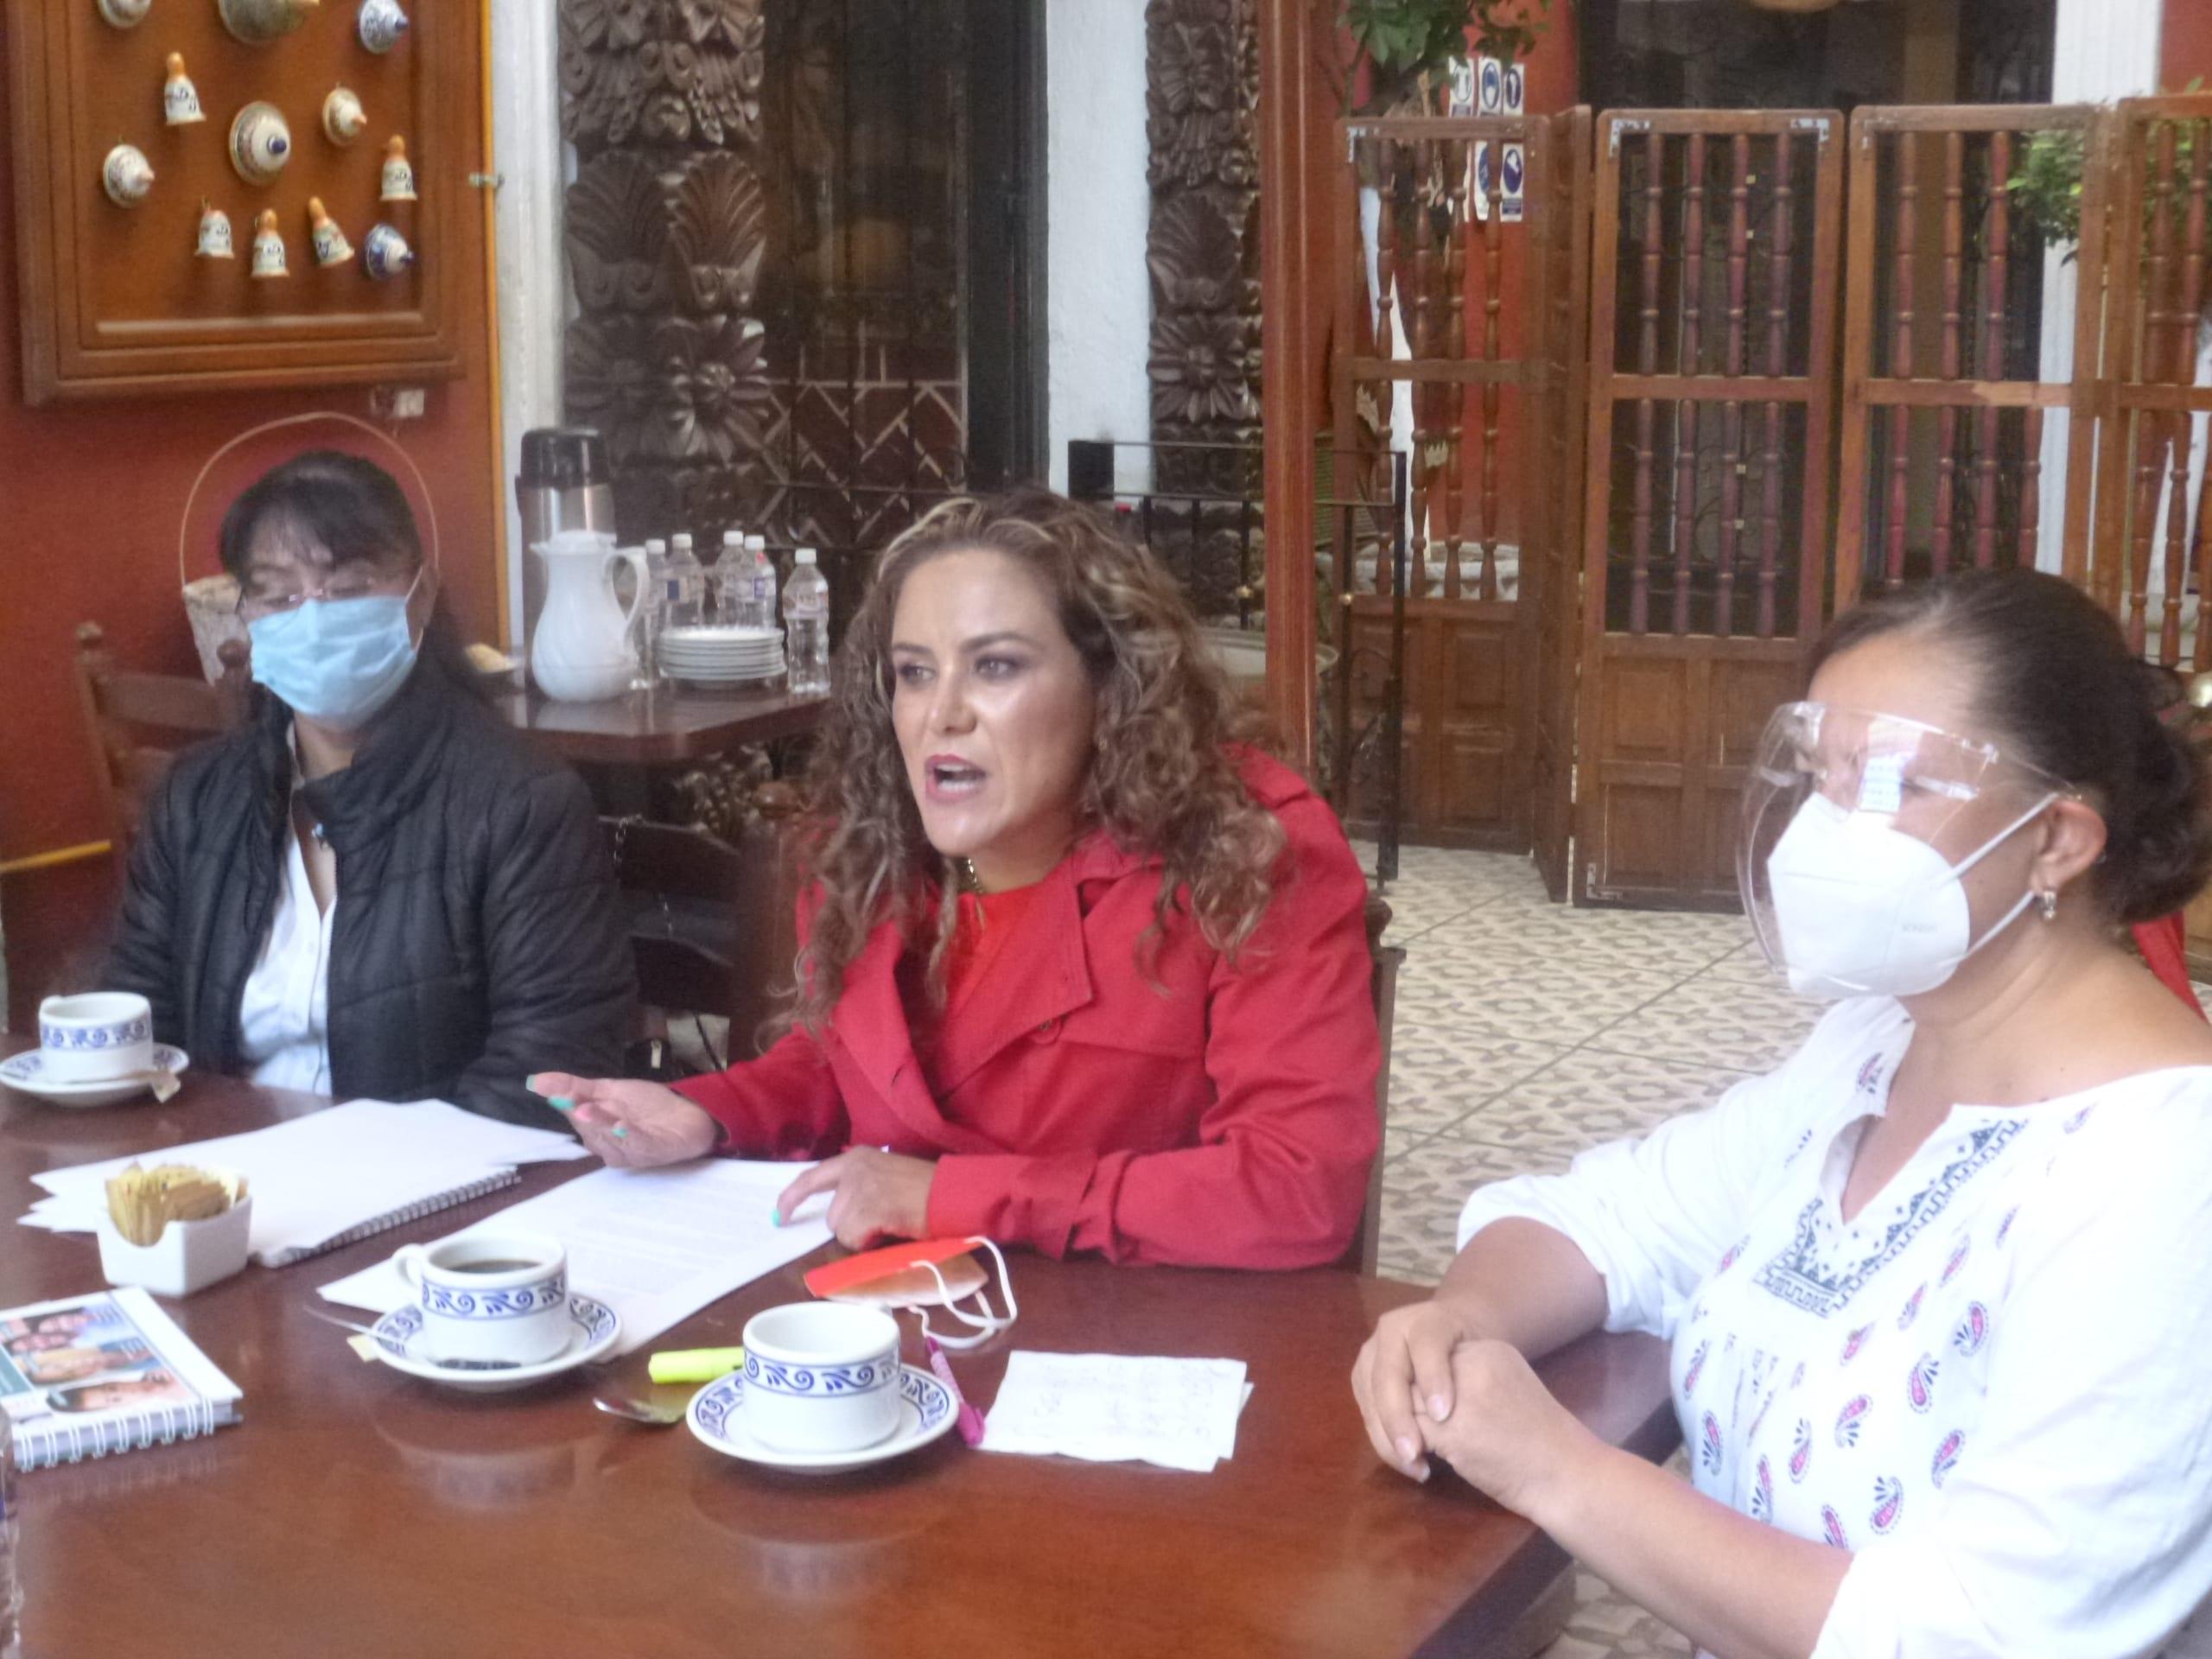 La abogada Cecilia Monzón pide justicia por amenazas de muerte